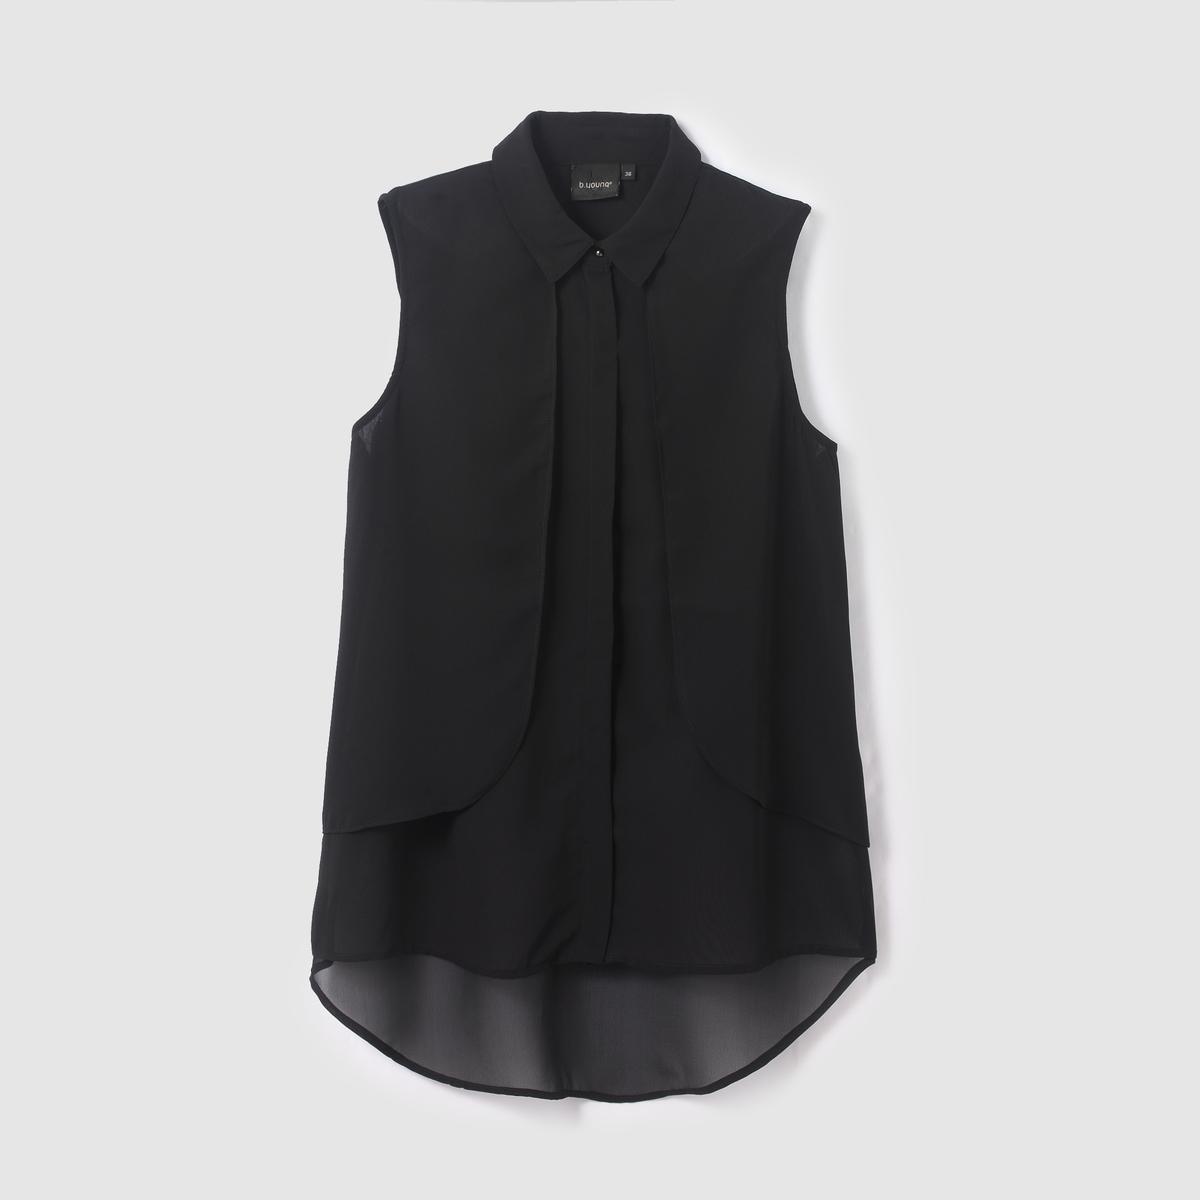 Блузка без рукавов GAWN TOPБлузка без рукавов GAWN TOP от B.YOUNG . Блузка прямого покроя. Рубашечный воротник со свободными уголками. Вырез с воланами спереди. Состав и описание :Материал : 100% полиэстерМарка : B.YOUNG<br><br>Цвет: черный